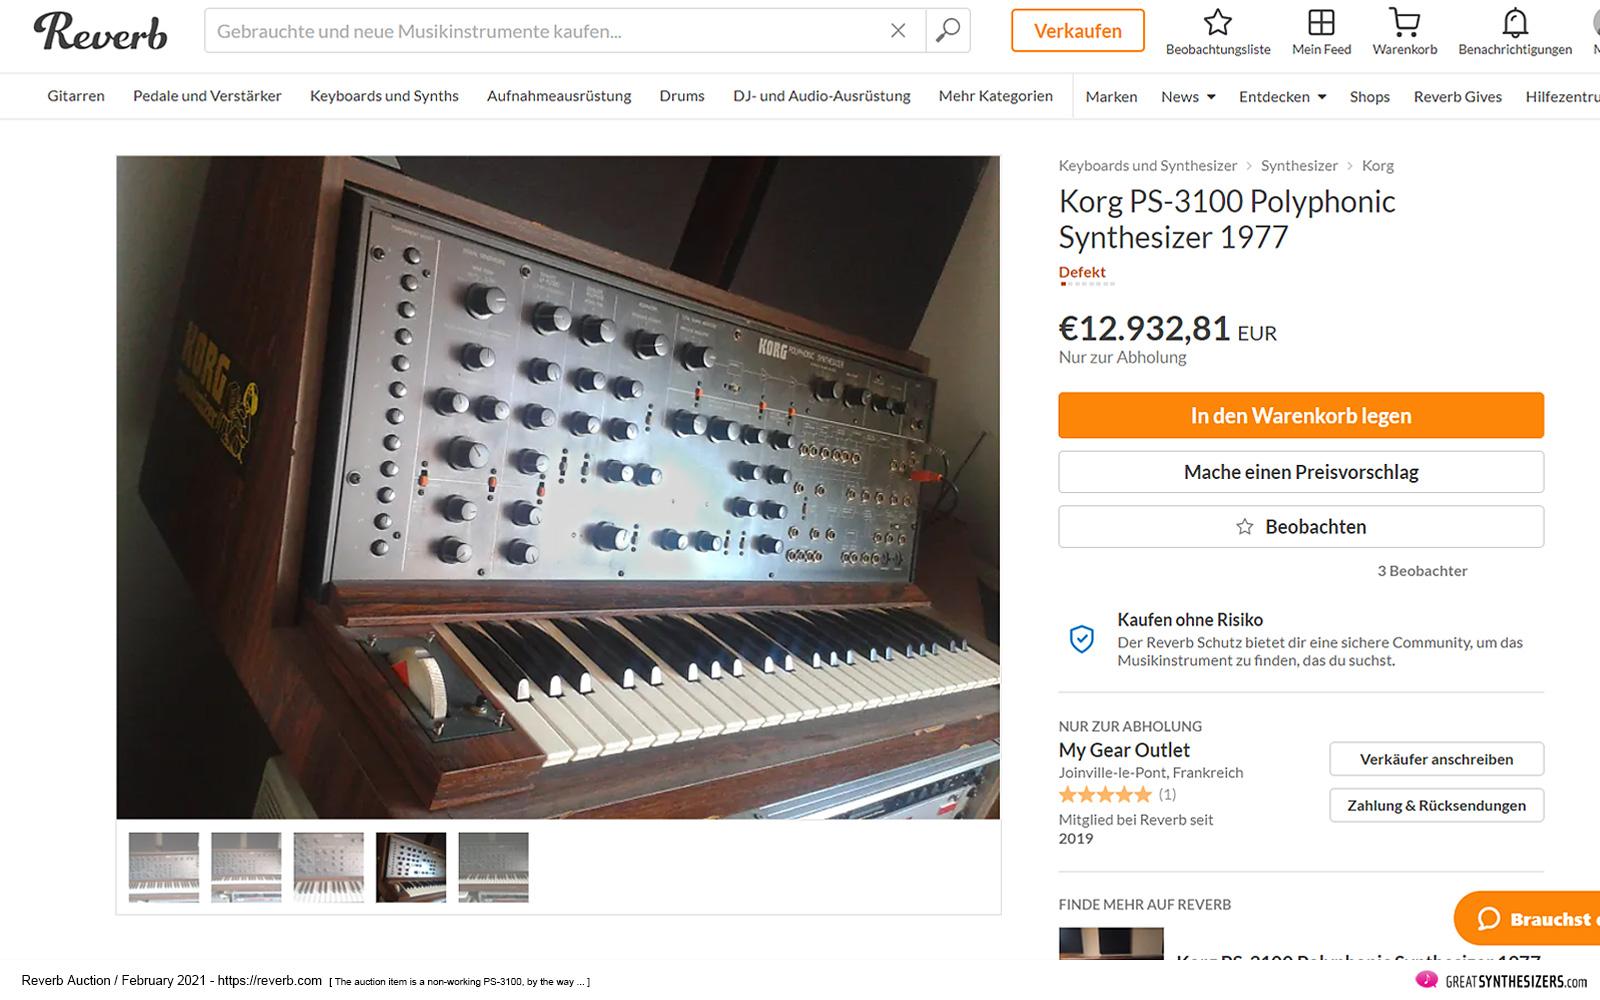 Korg PS-3100 Synthesizer